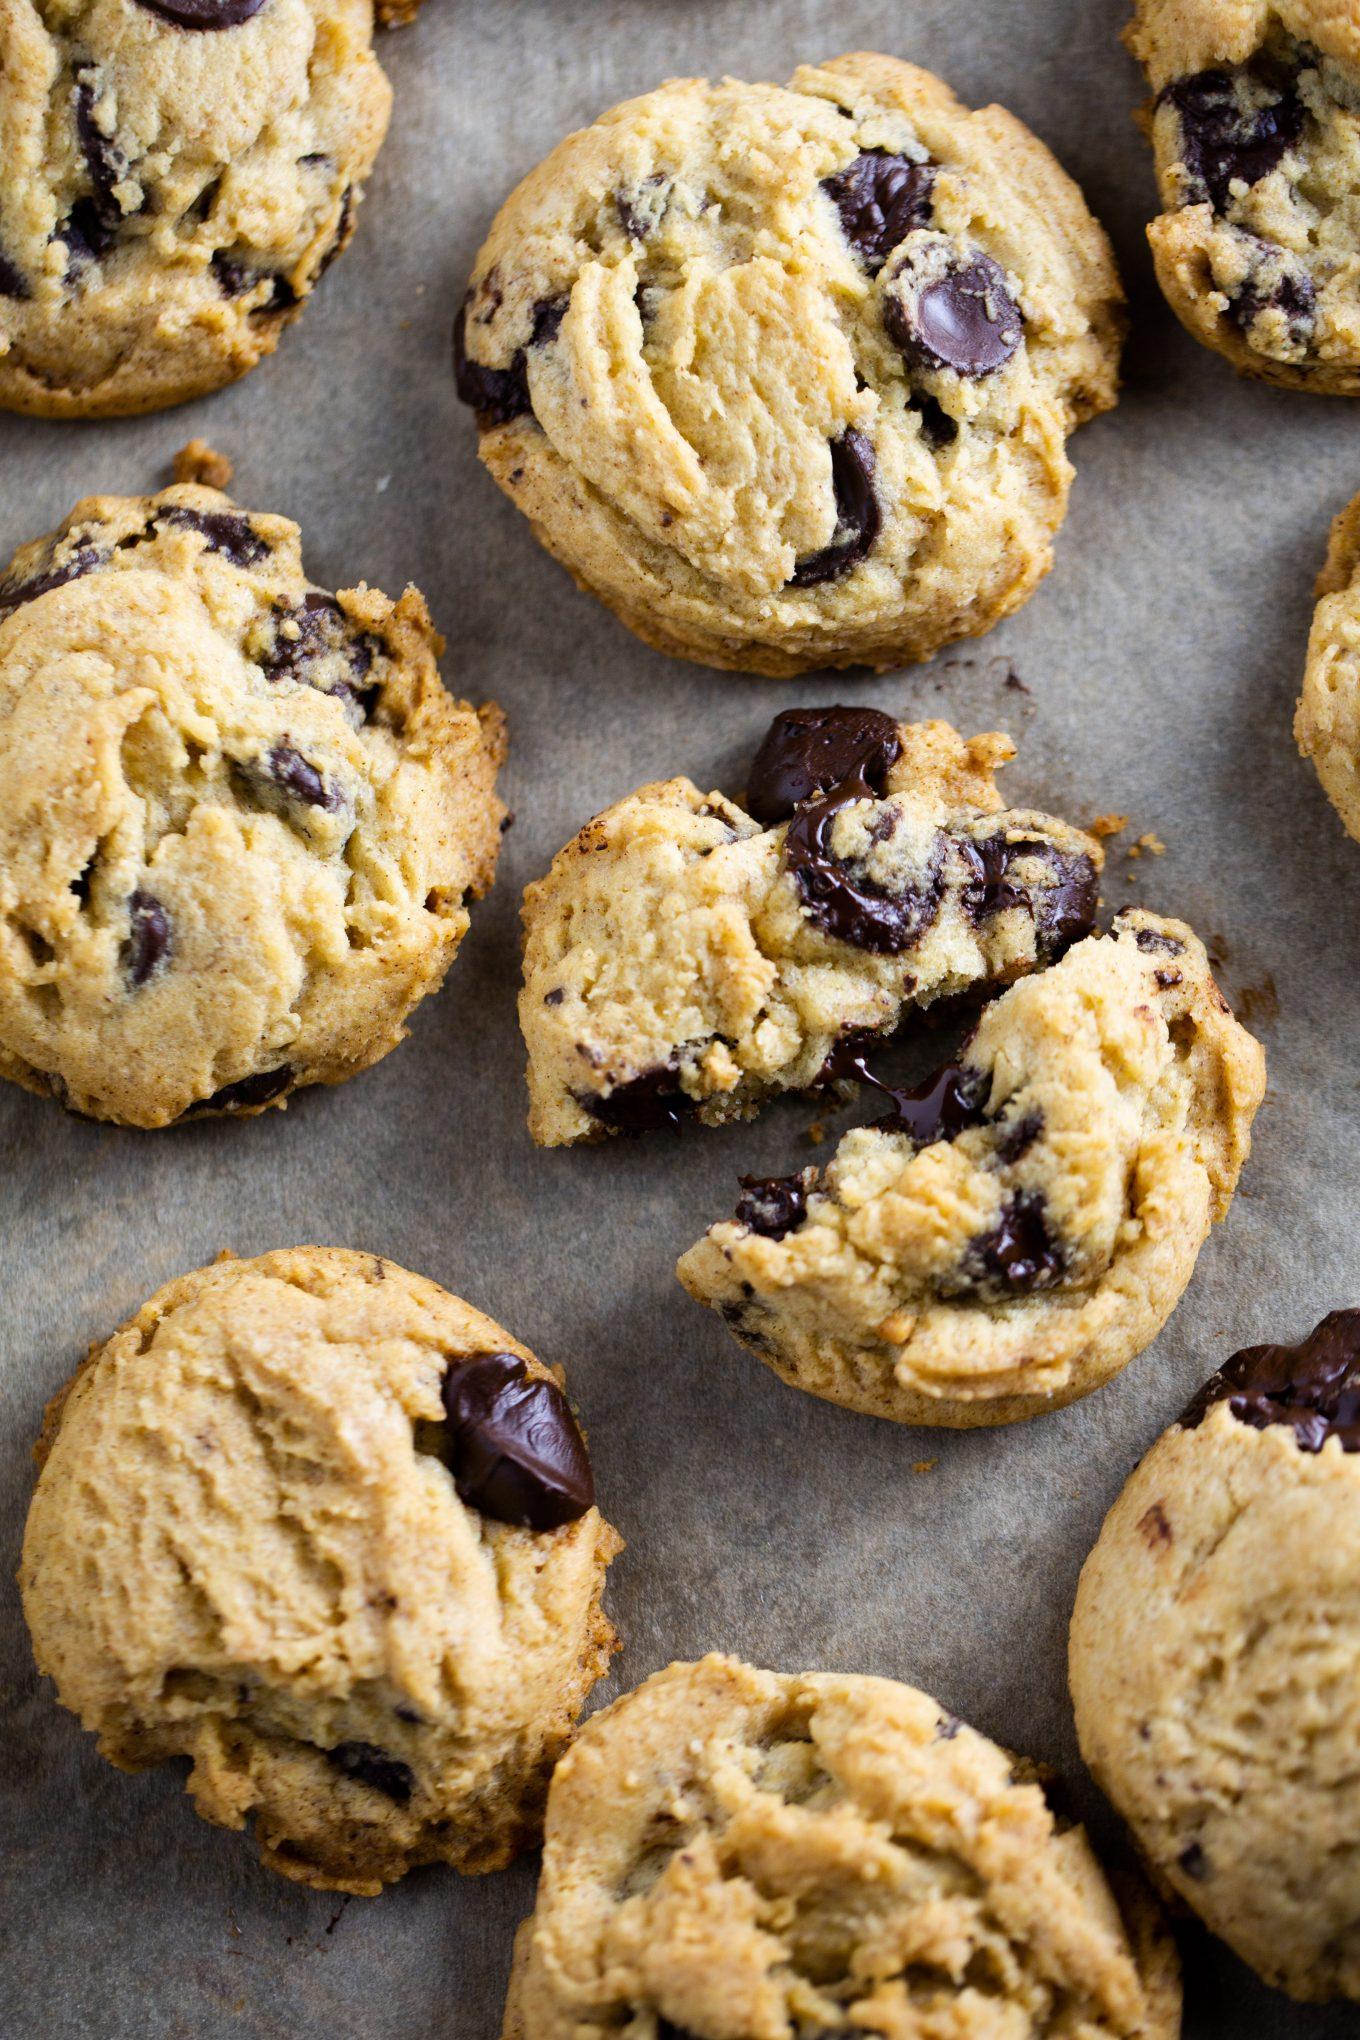 galletas de chispas de chocolate